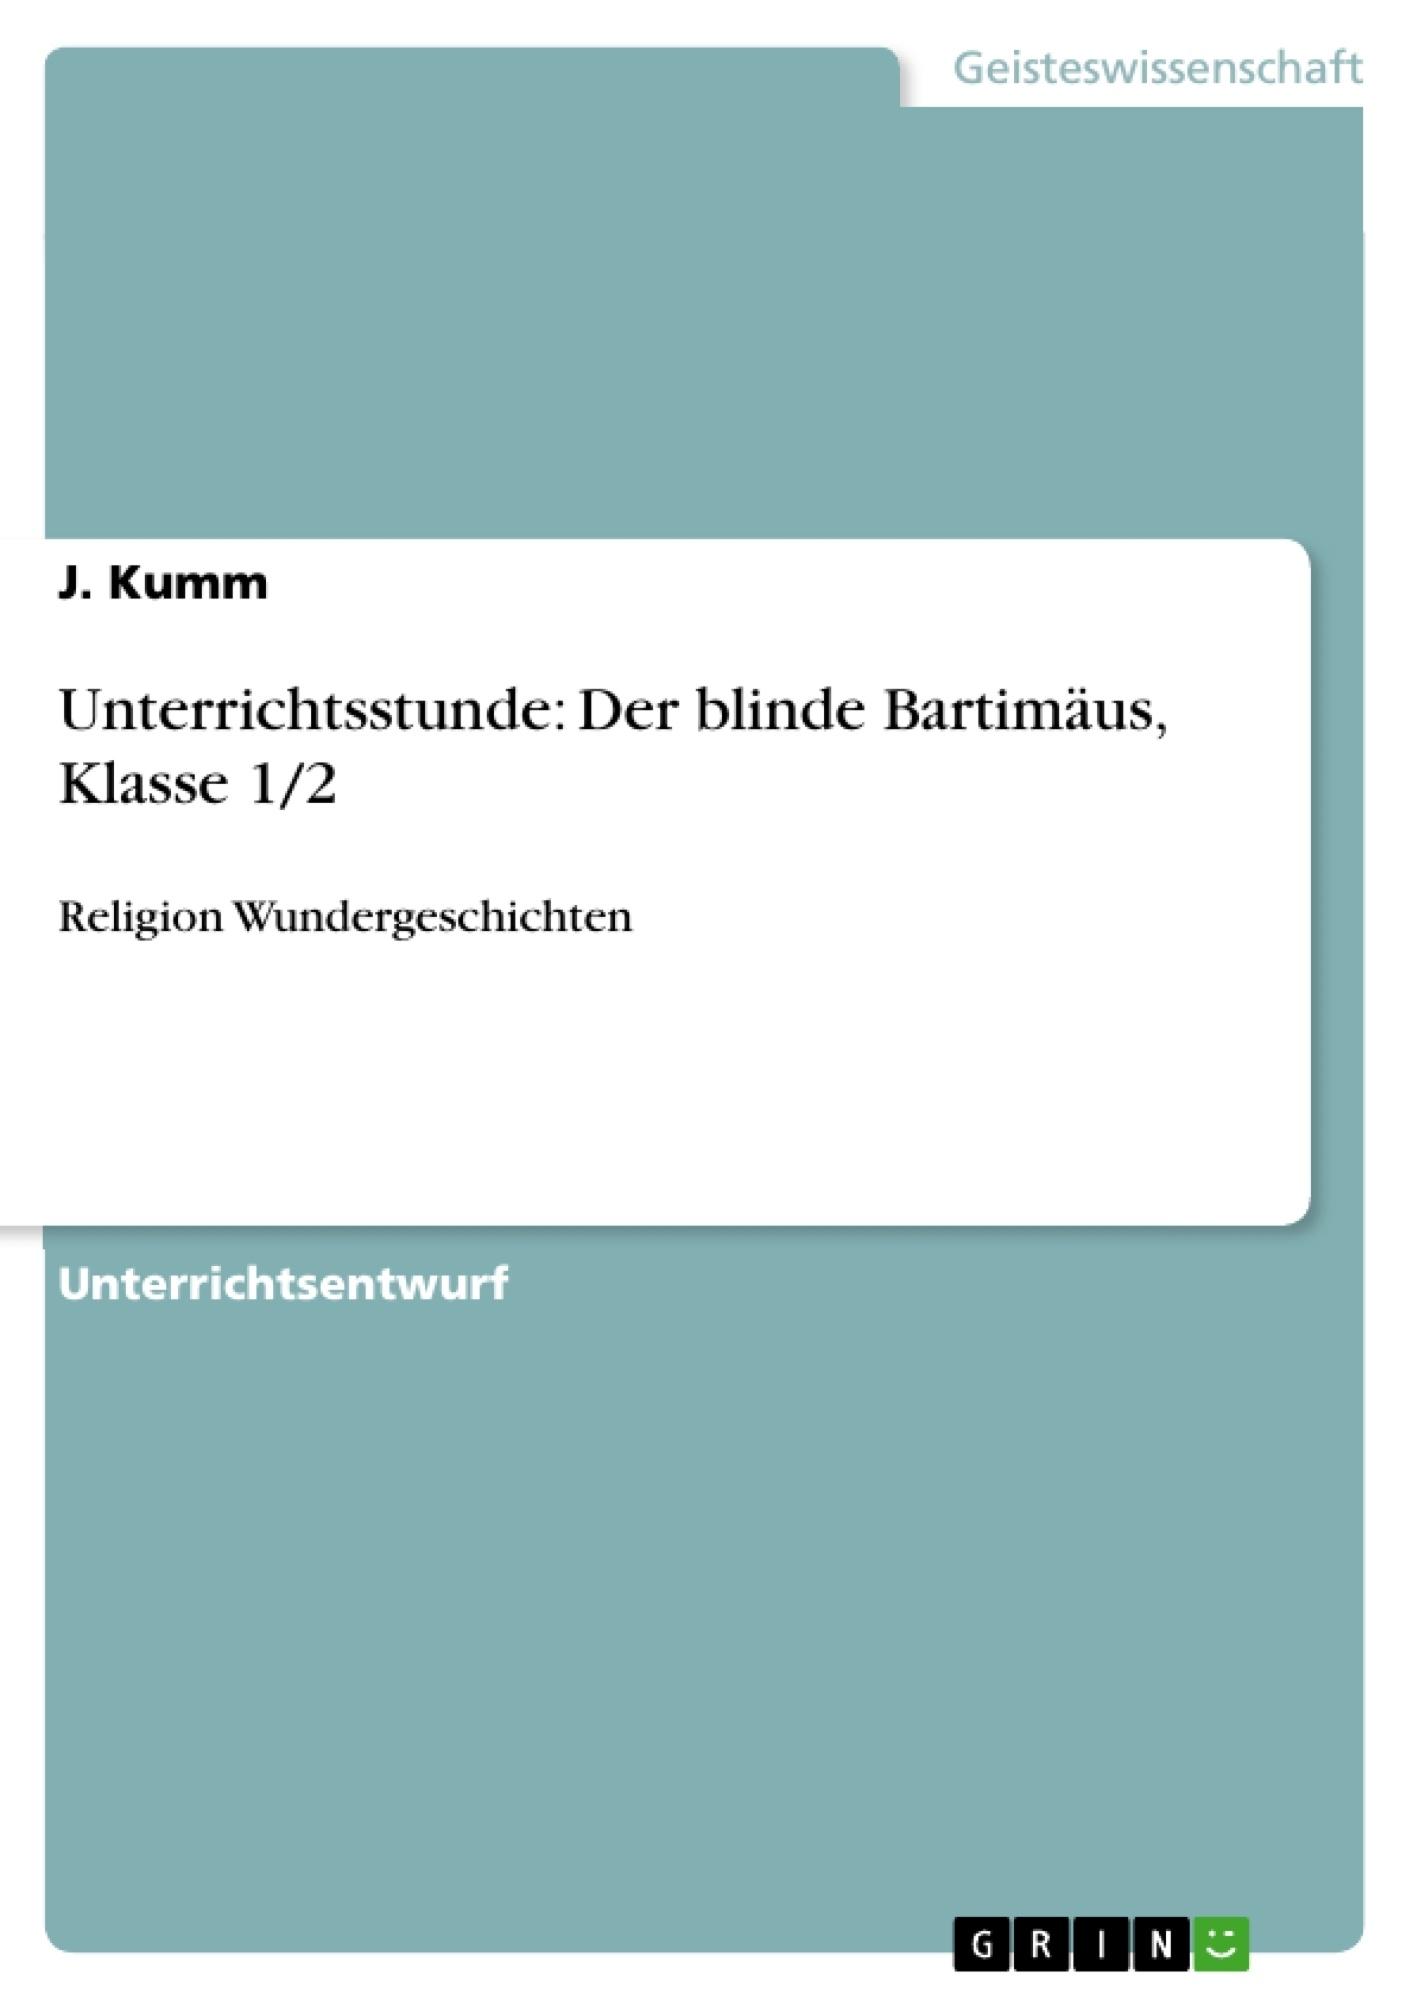 Titel: Unterrichtsstunde: Der blinde Bartimäus, Klasse 1/2